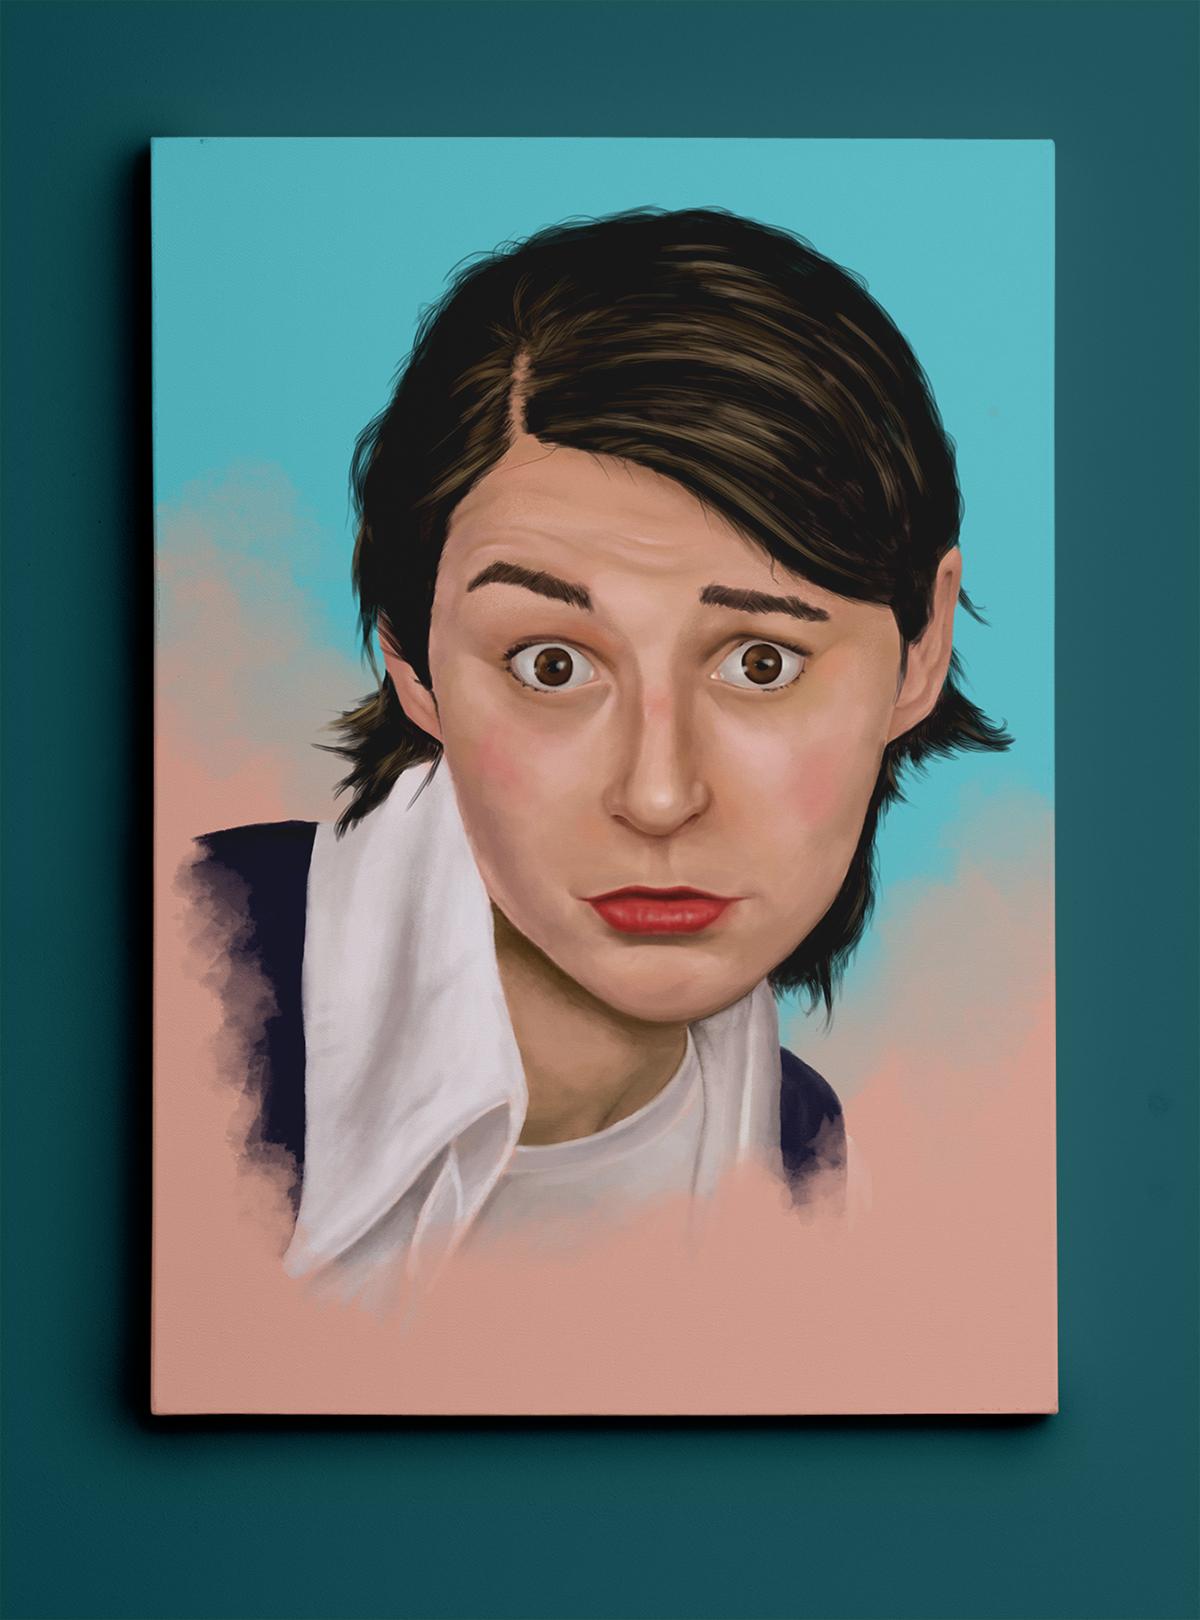 portrait of sammie surprised